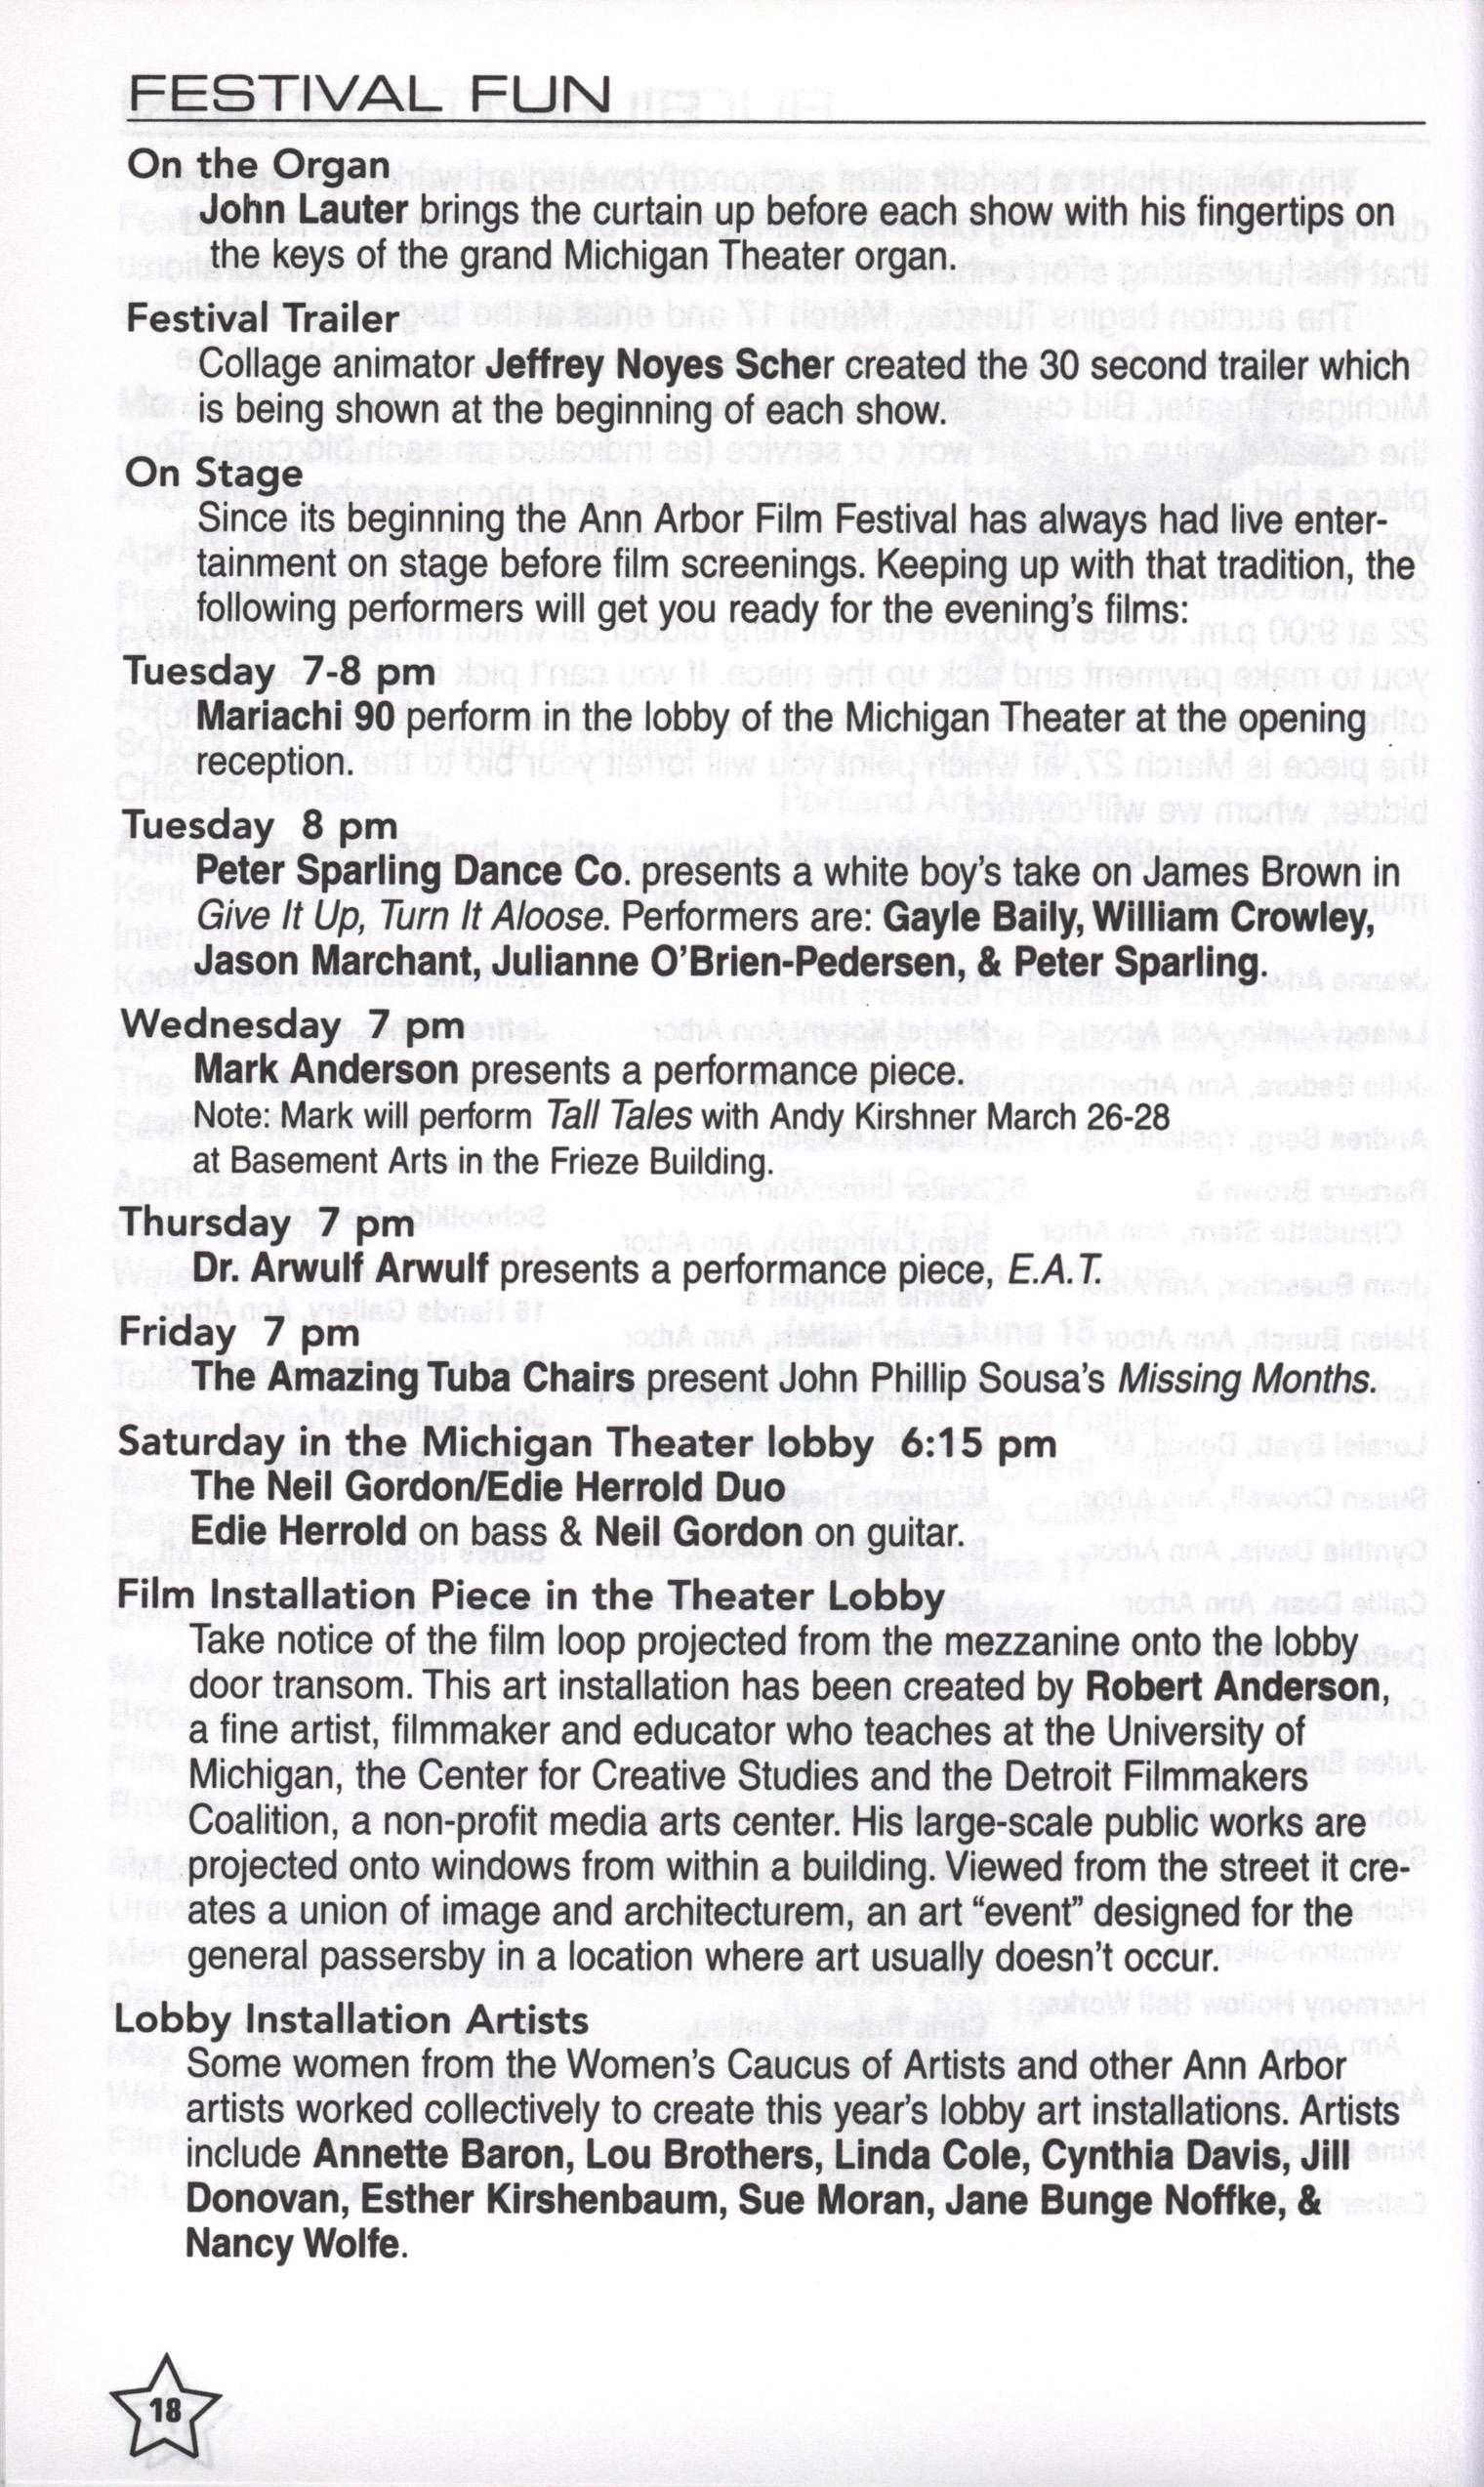 36th Ann Arbor Film Festival Program Image